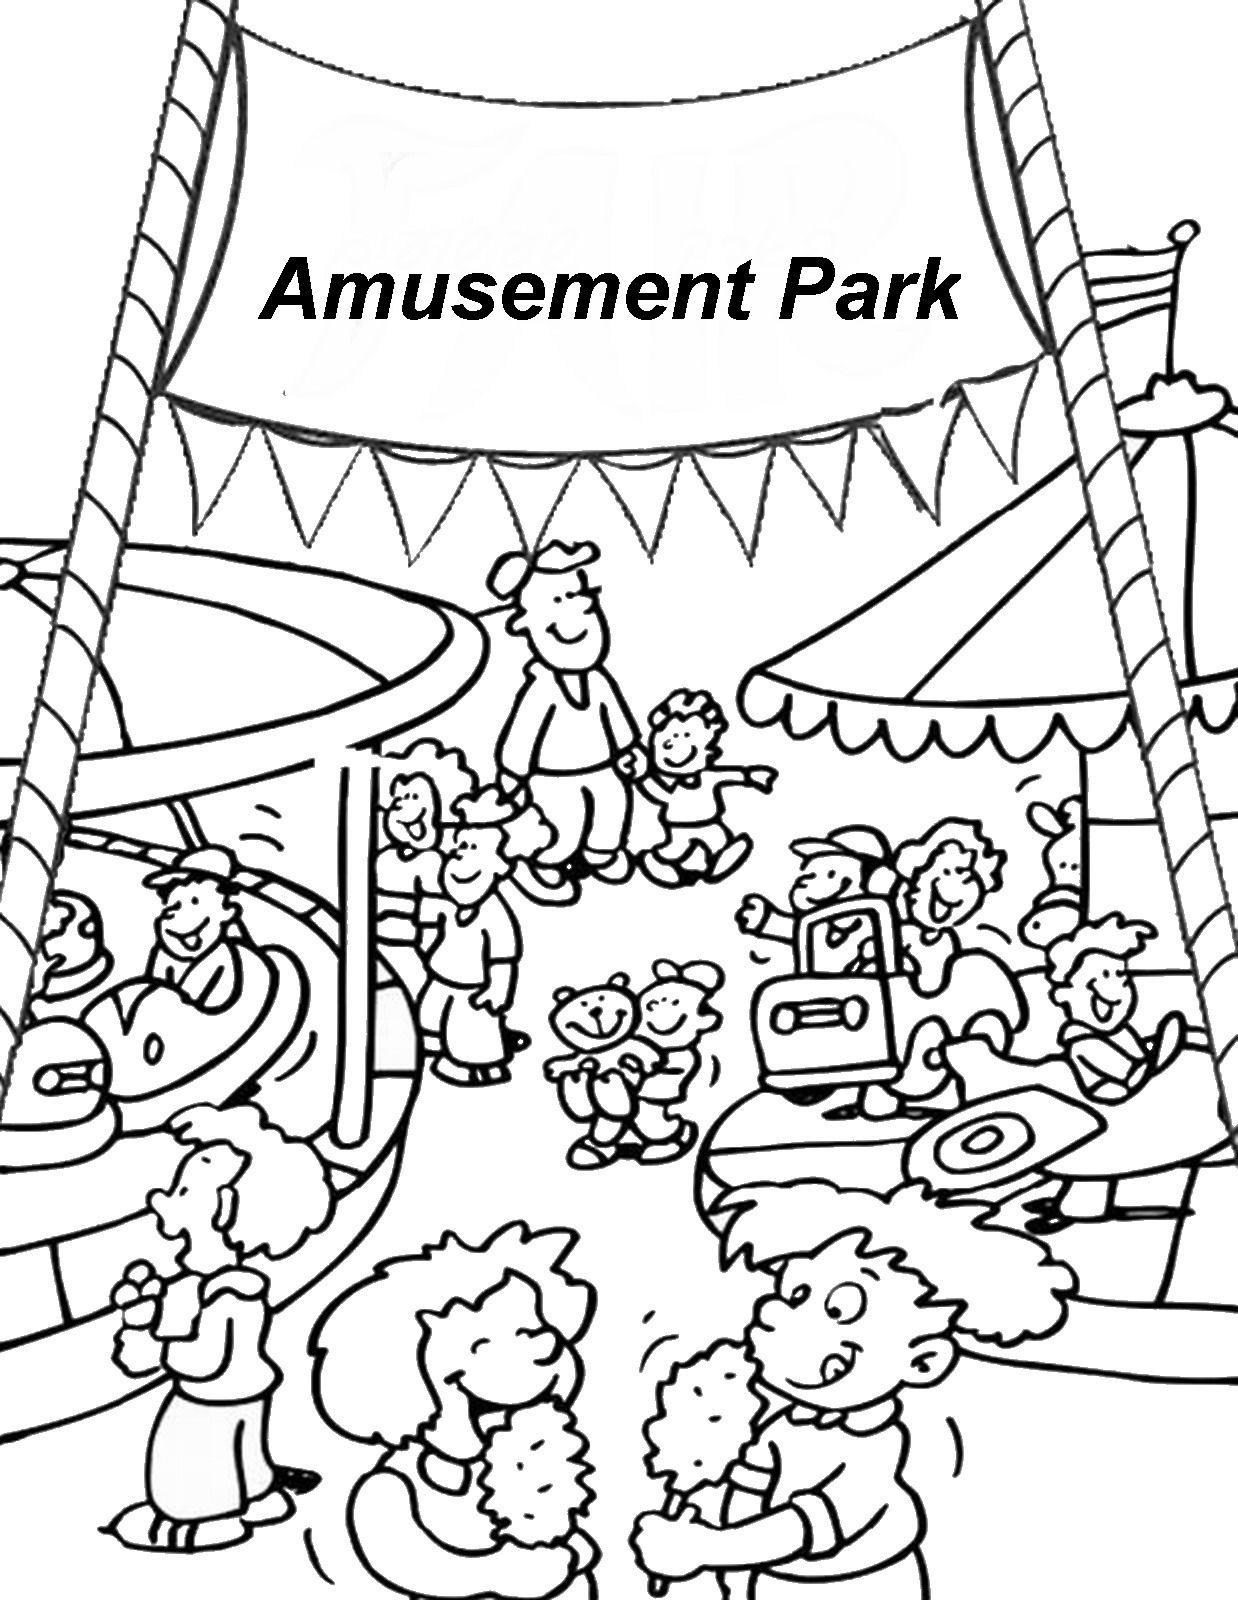 Amusement Park Coloring Pages Coloring Pages Dinosaur Coloring Pages Cool Coloring Pages